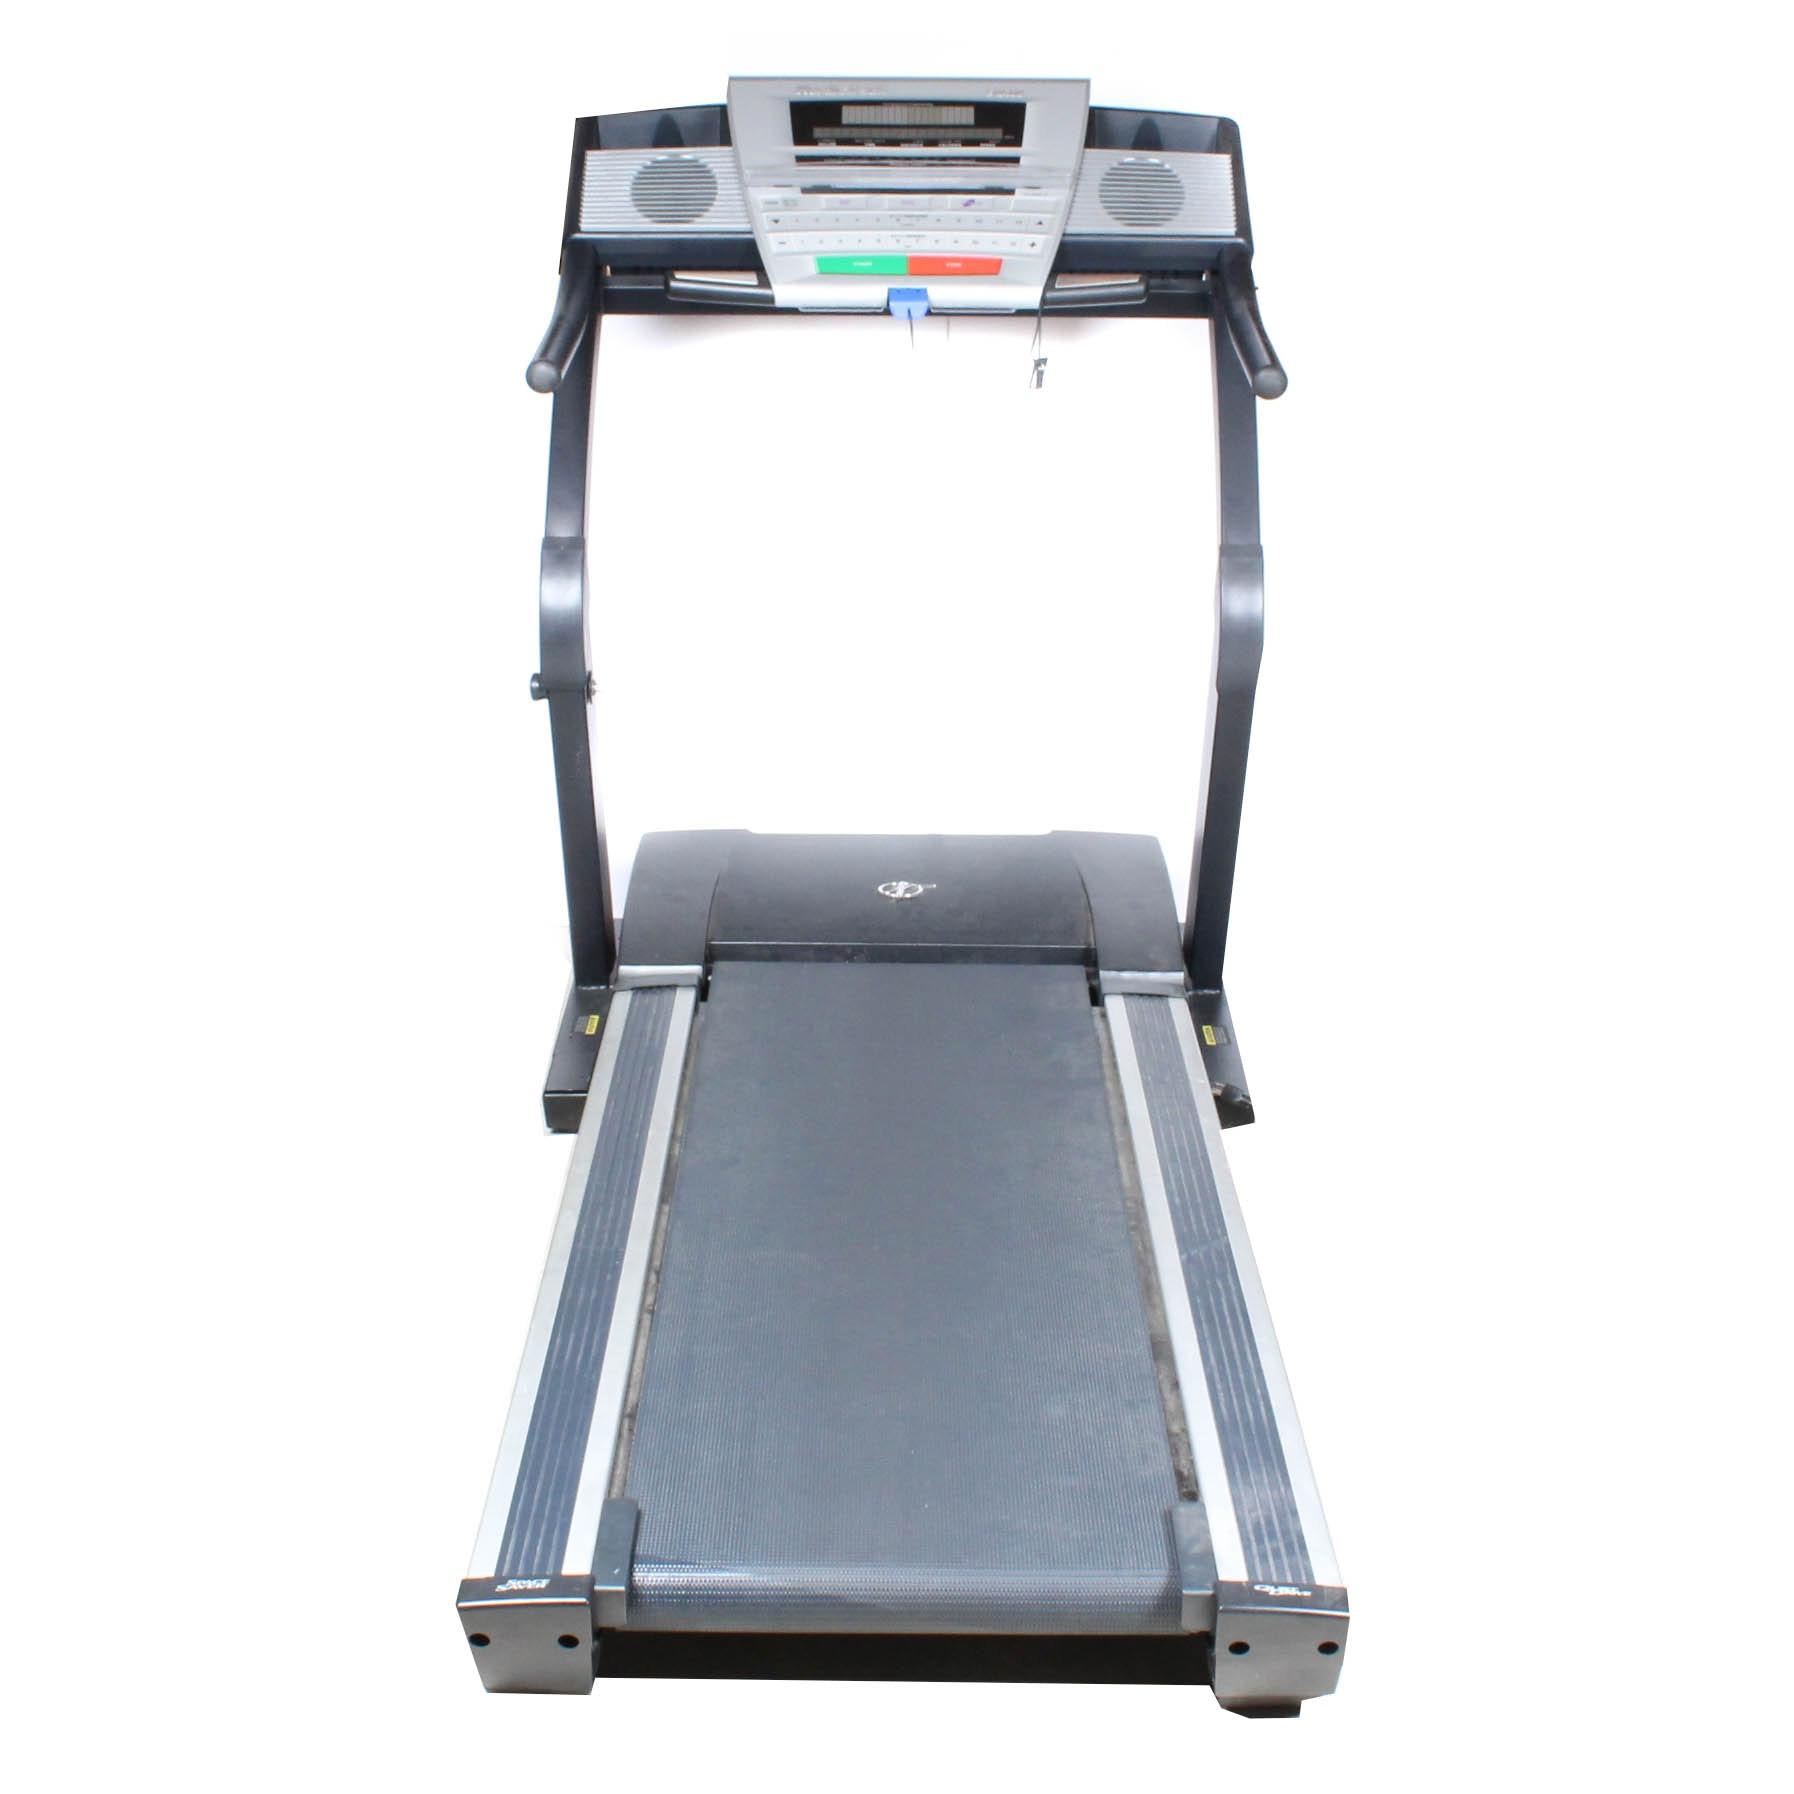 Nordictrack E 4400 Treadmill and Ski Machine